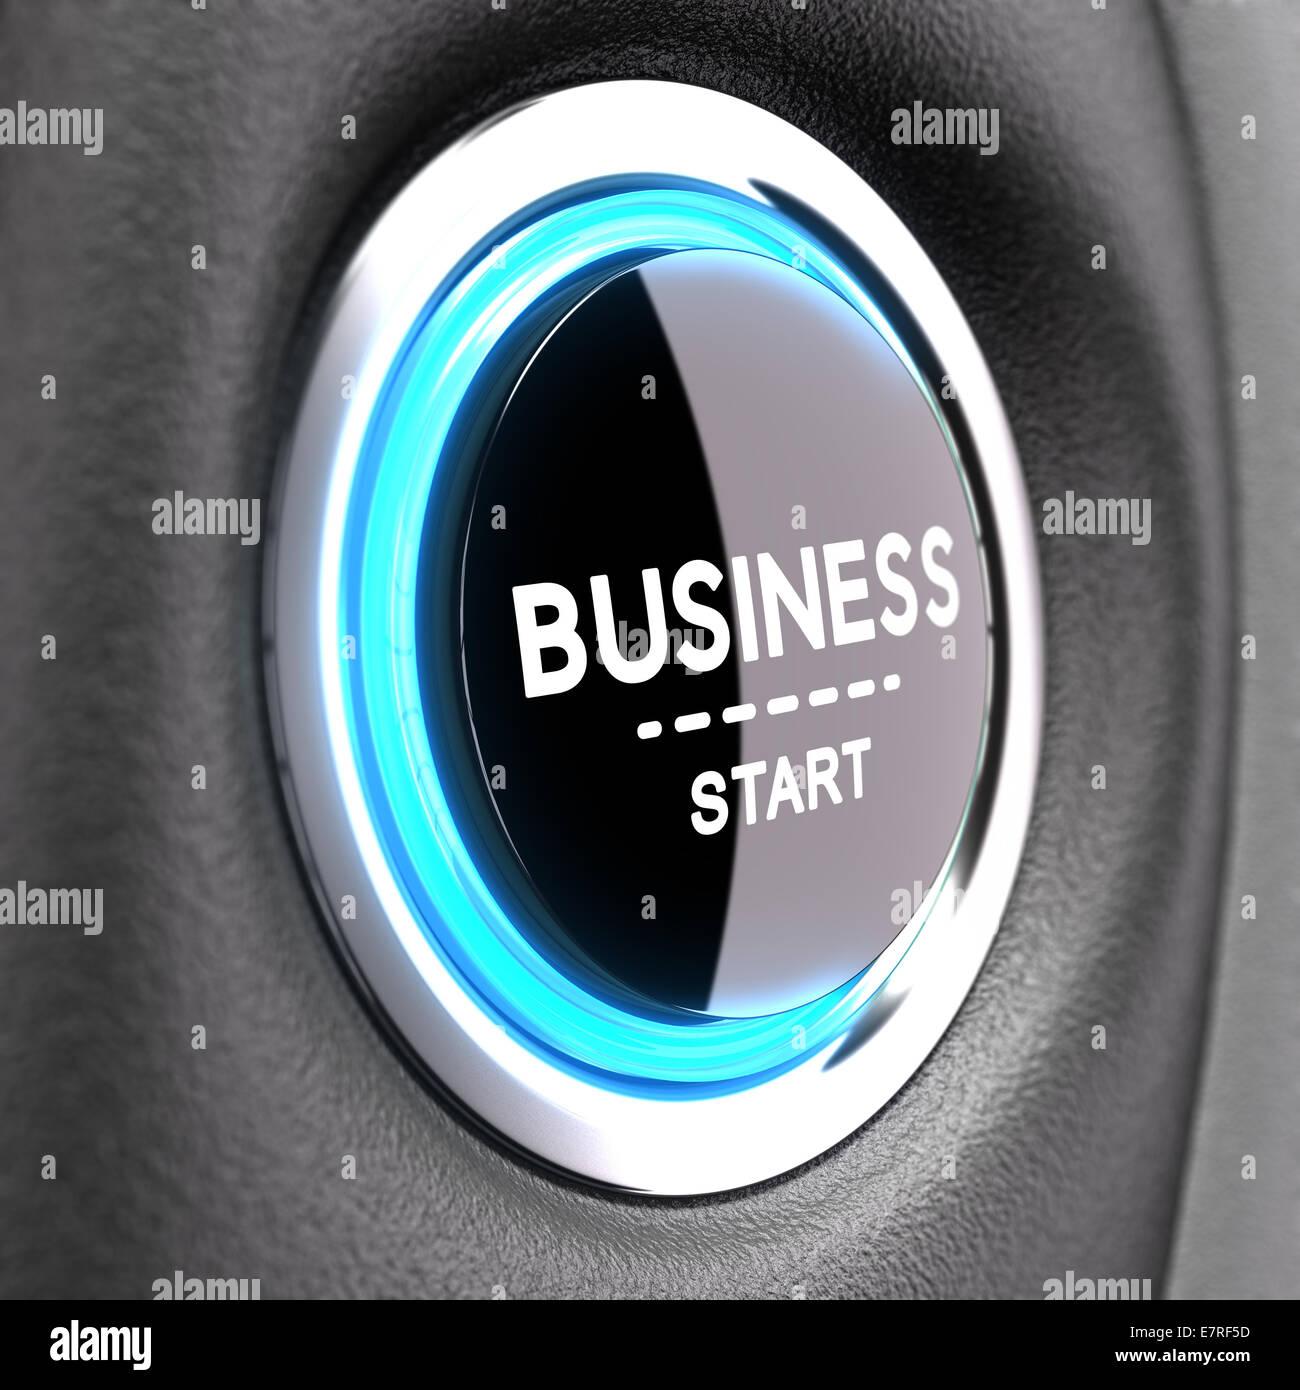 Blu pulsante Push con la frase business start. Concetto di immagine per illustrare il nuovo business Immagini Stock